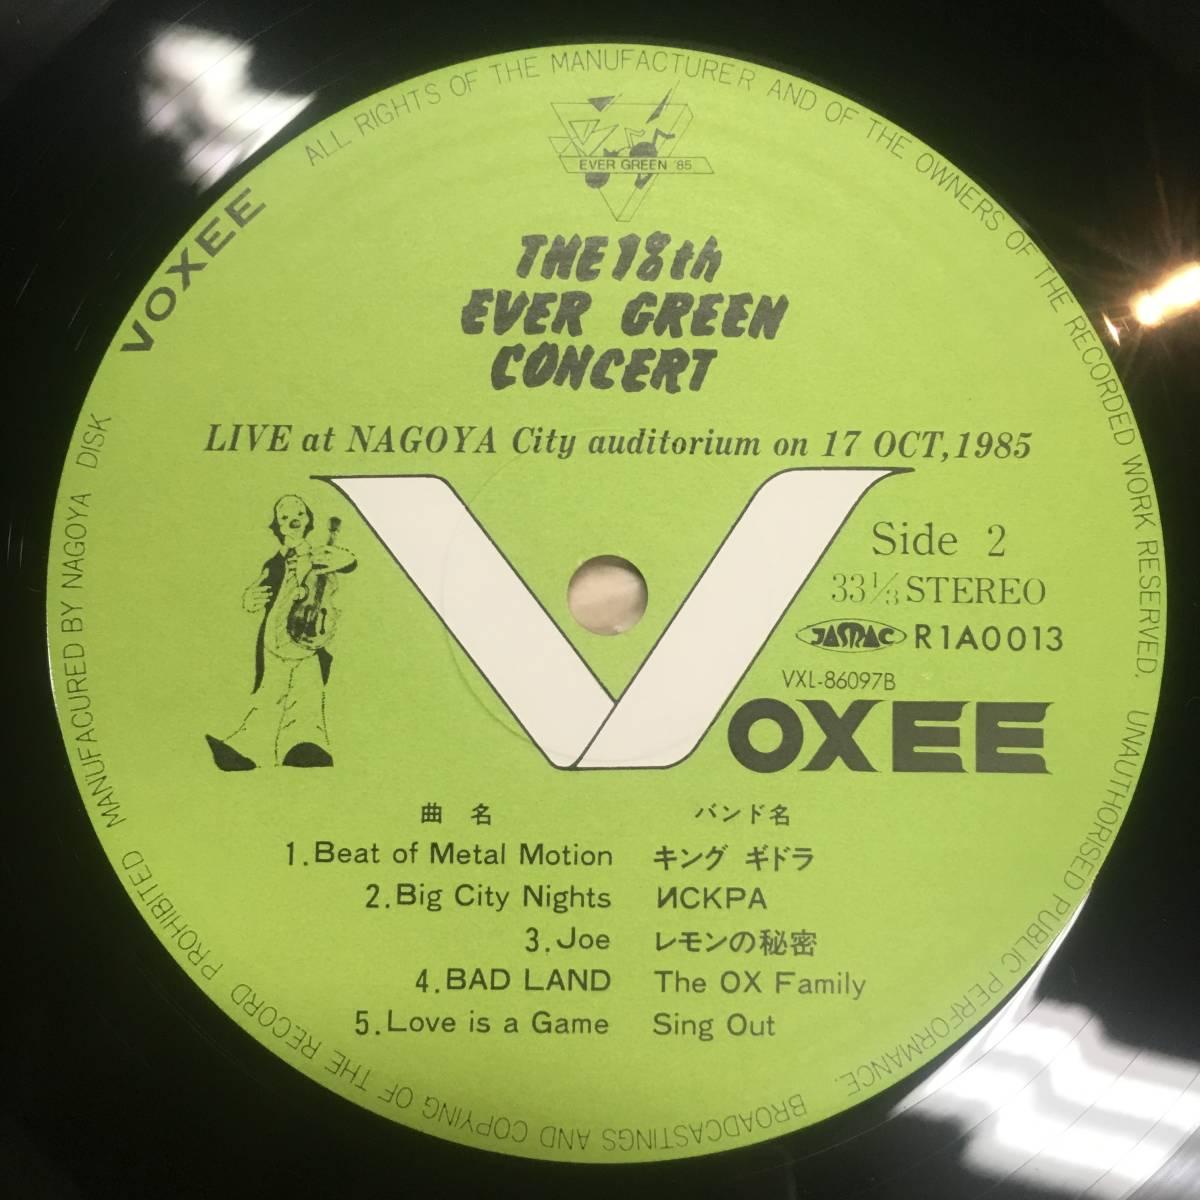 自主盤オムニバスLP!THE 18th EVER GREEN CONCERT VOXEE VXL-86097 1985年 名古屋 code mo. art cox 8 The Mule LANZE レモンの秘密 _画像6